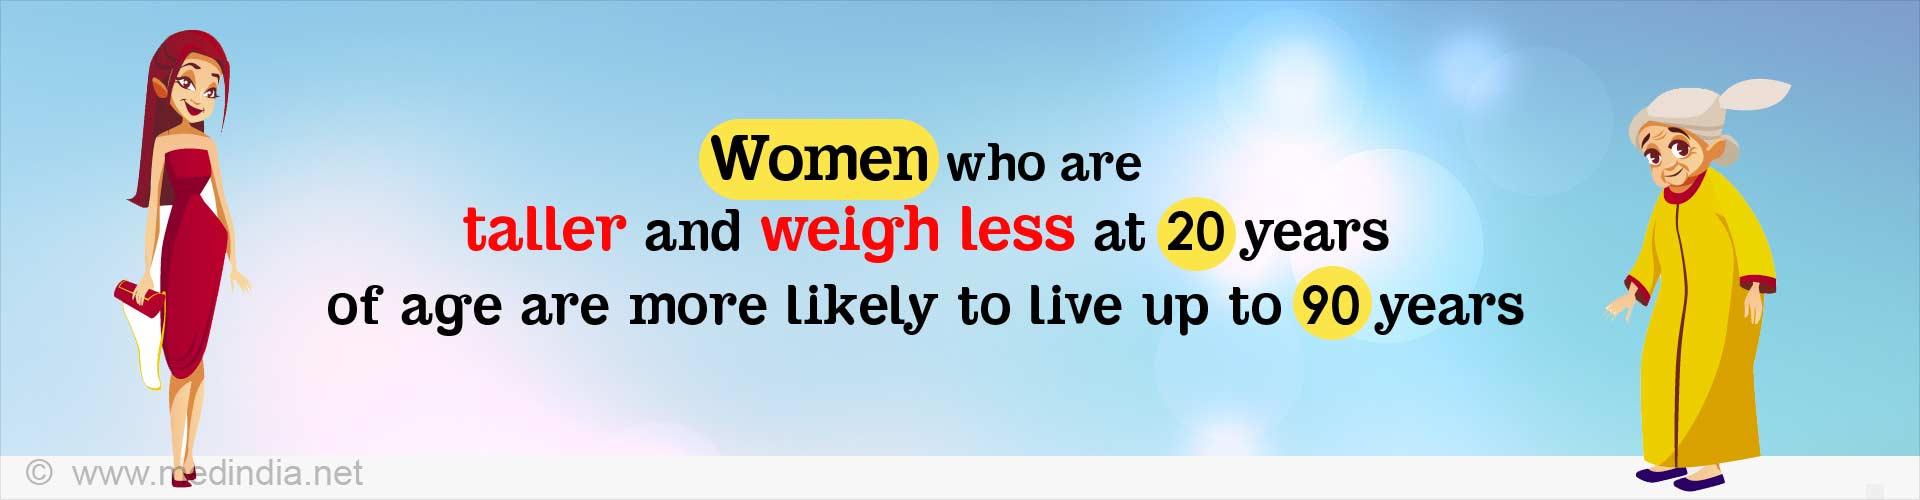 Body Size Can Influence Longevity in Women